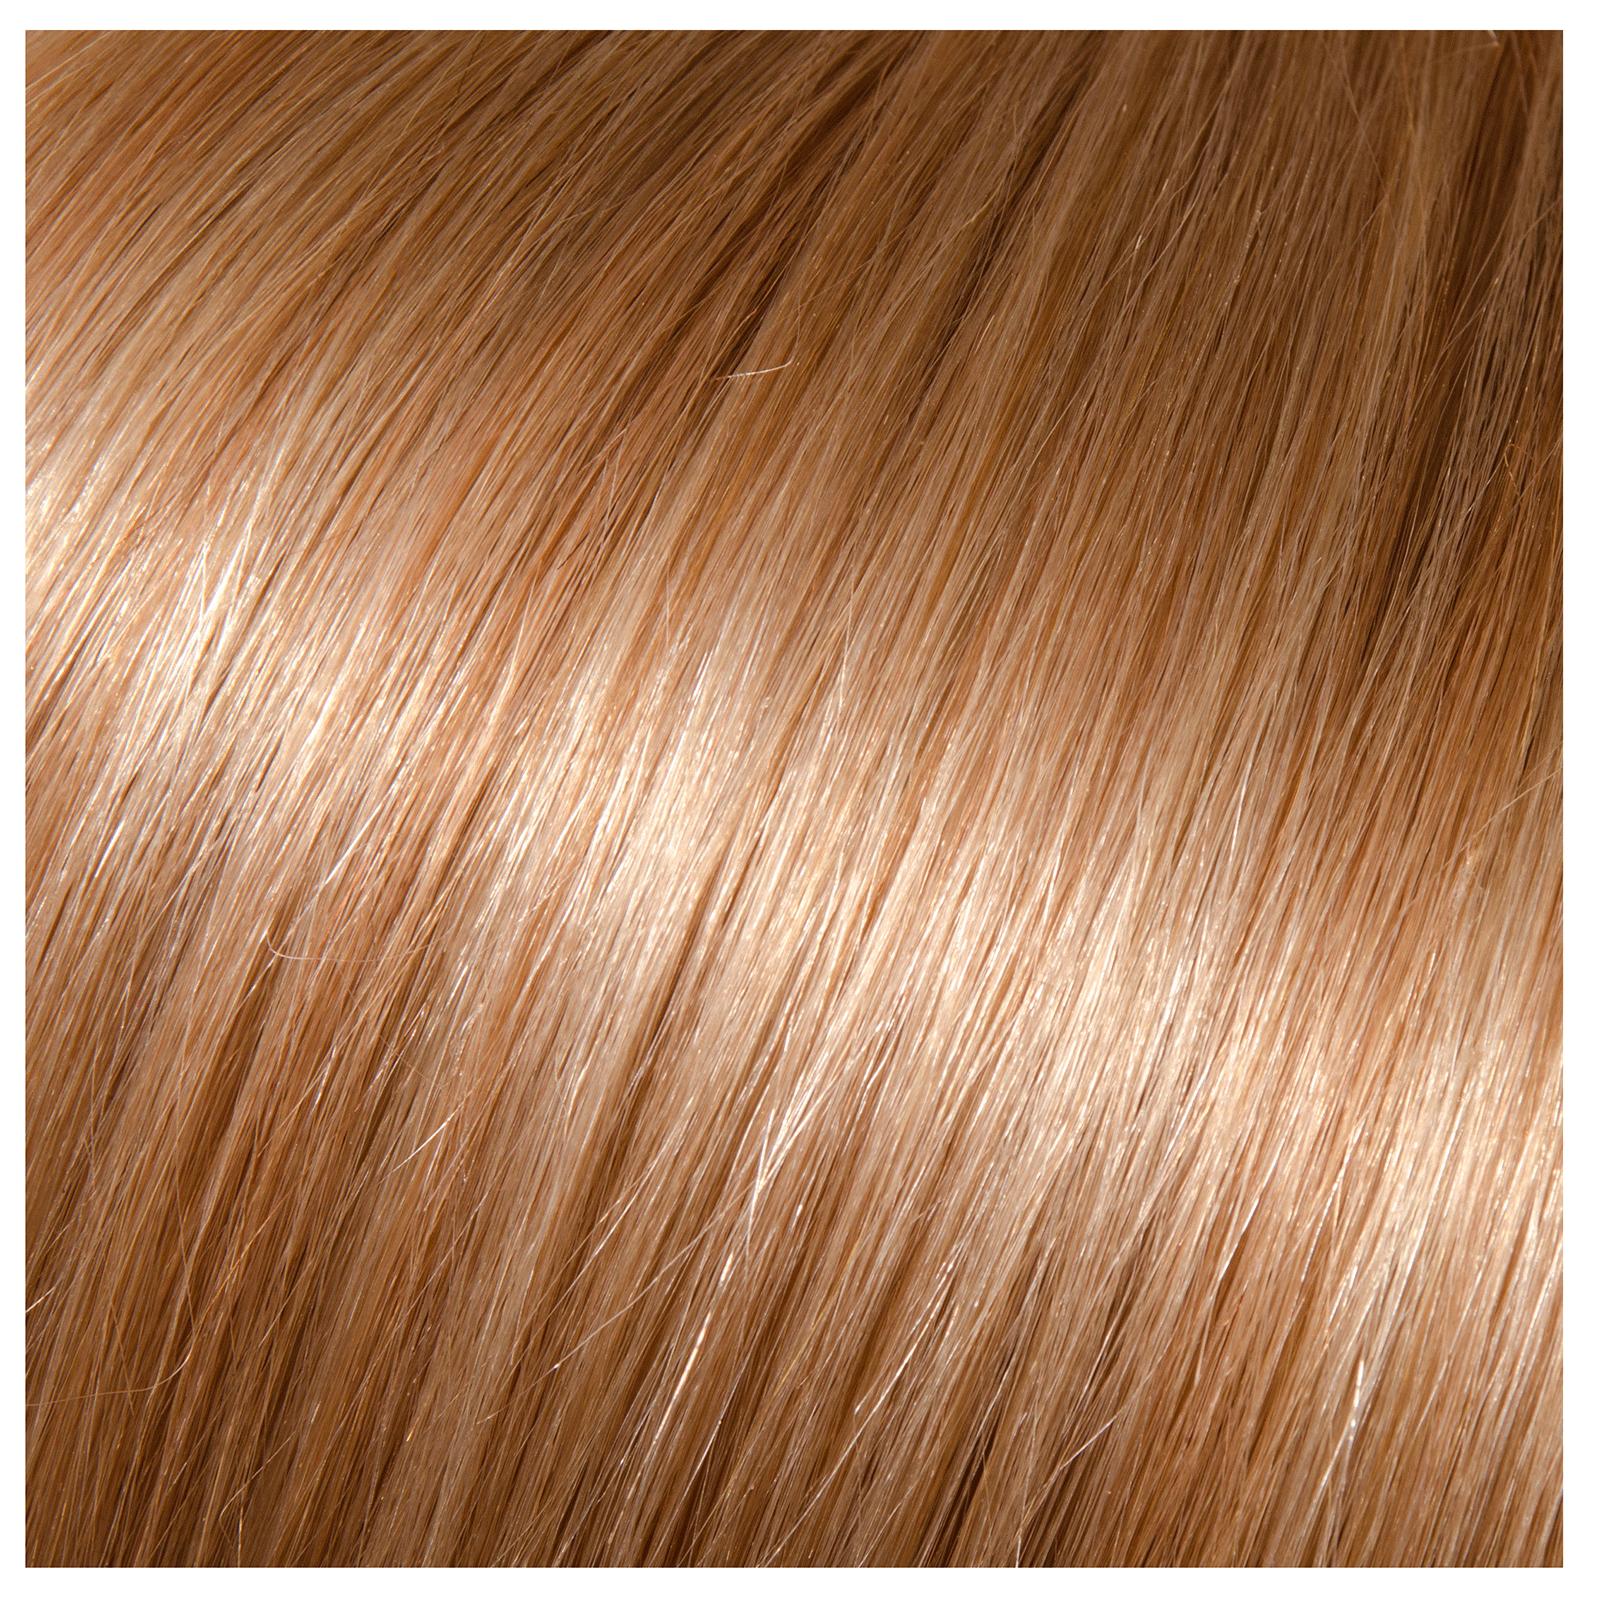 Clip In Hair Extension 18 Inch 27613 Bridget Babe Hair